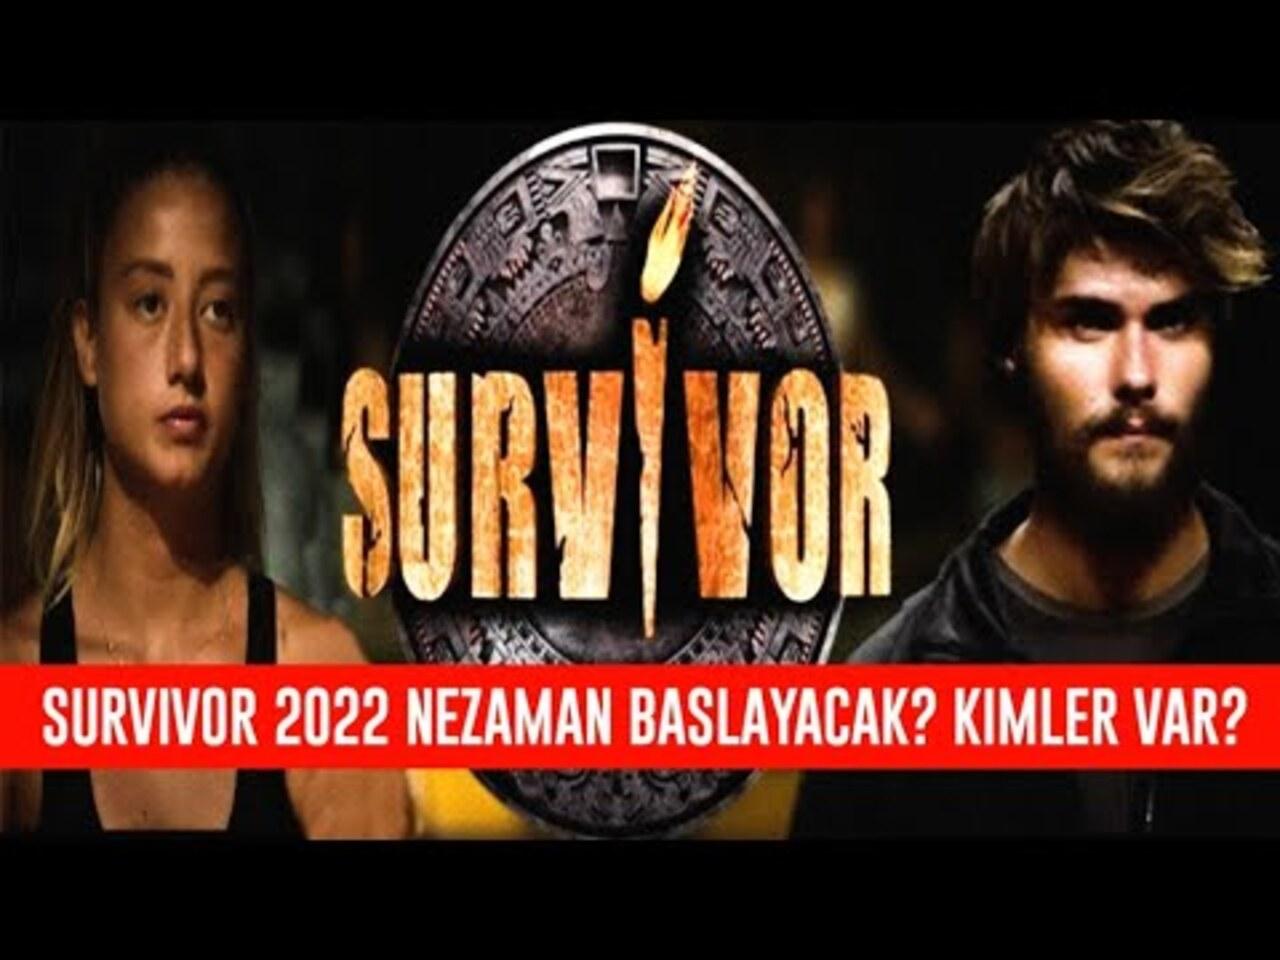 2022 Survivor All Star ne zaman başlayacak? 2022 Survivor All Star yarışmacıları belli oluyor